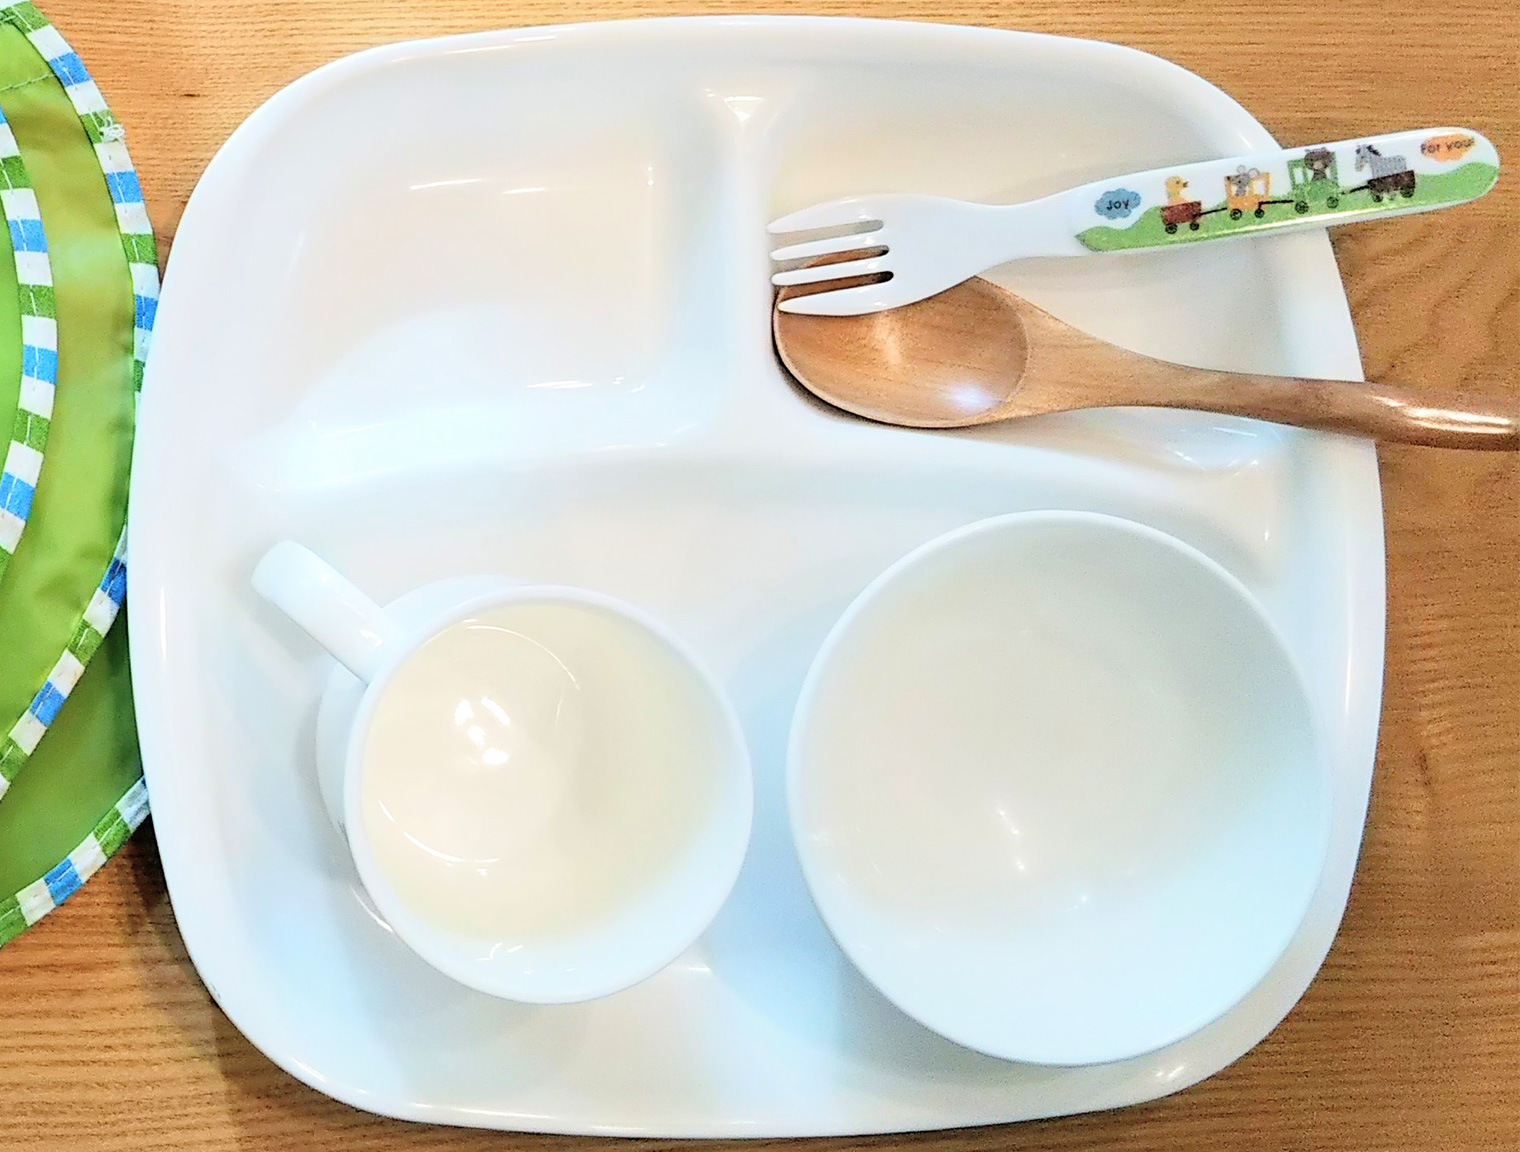 メラミン樹脂の例、子ども用食器